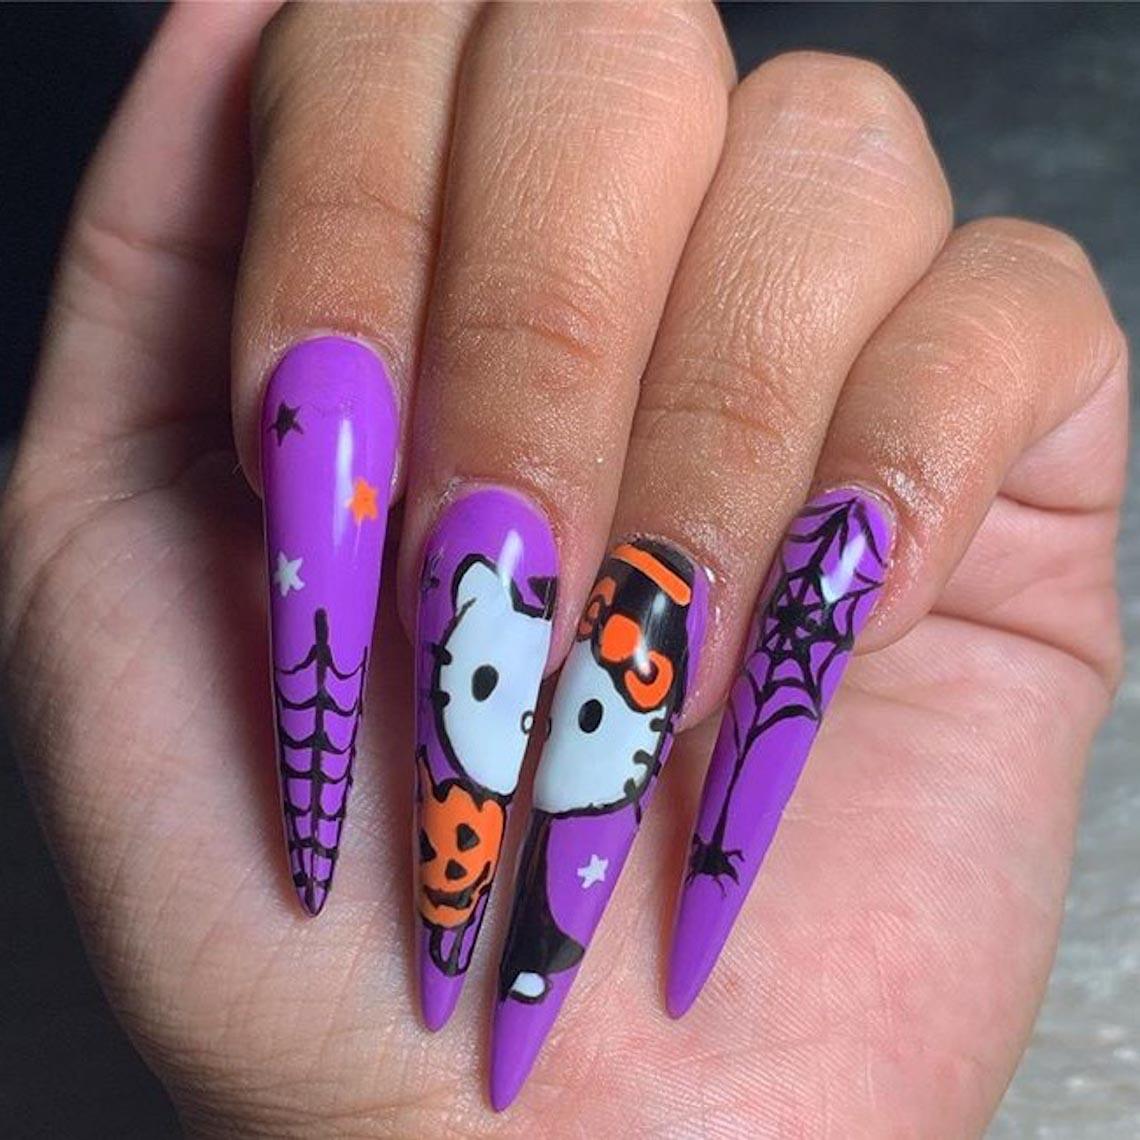 23 ý tưởng trang trí móng tay cho đêm tiệc Halloween - 6